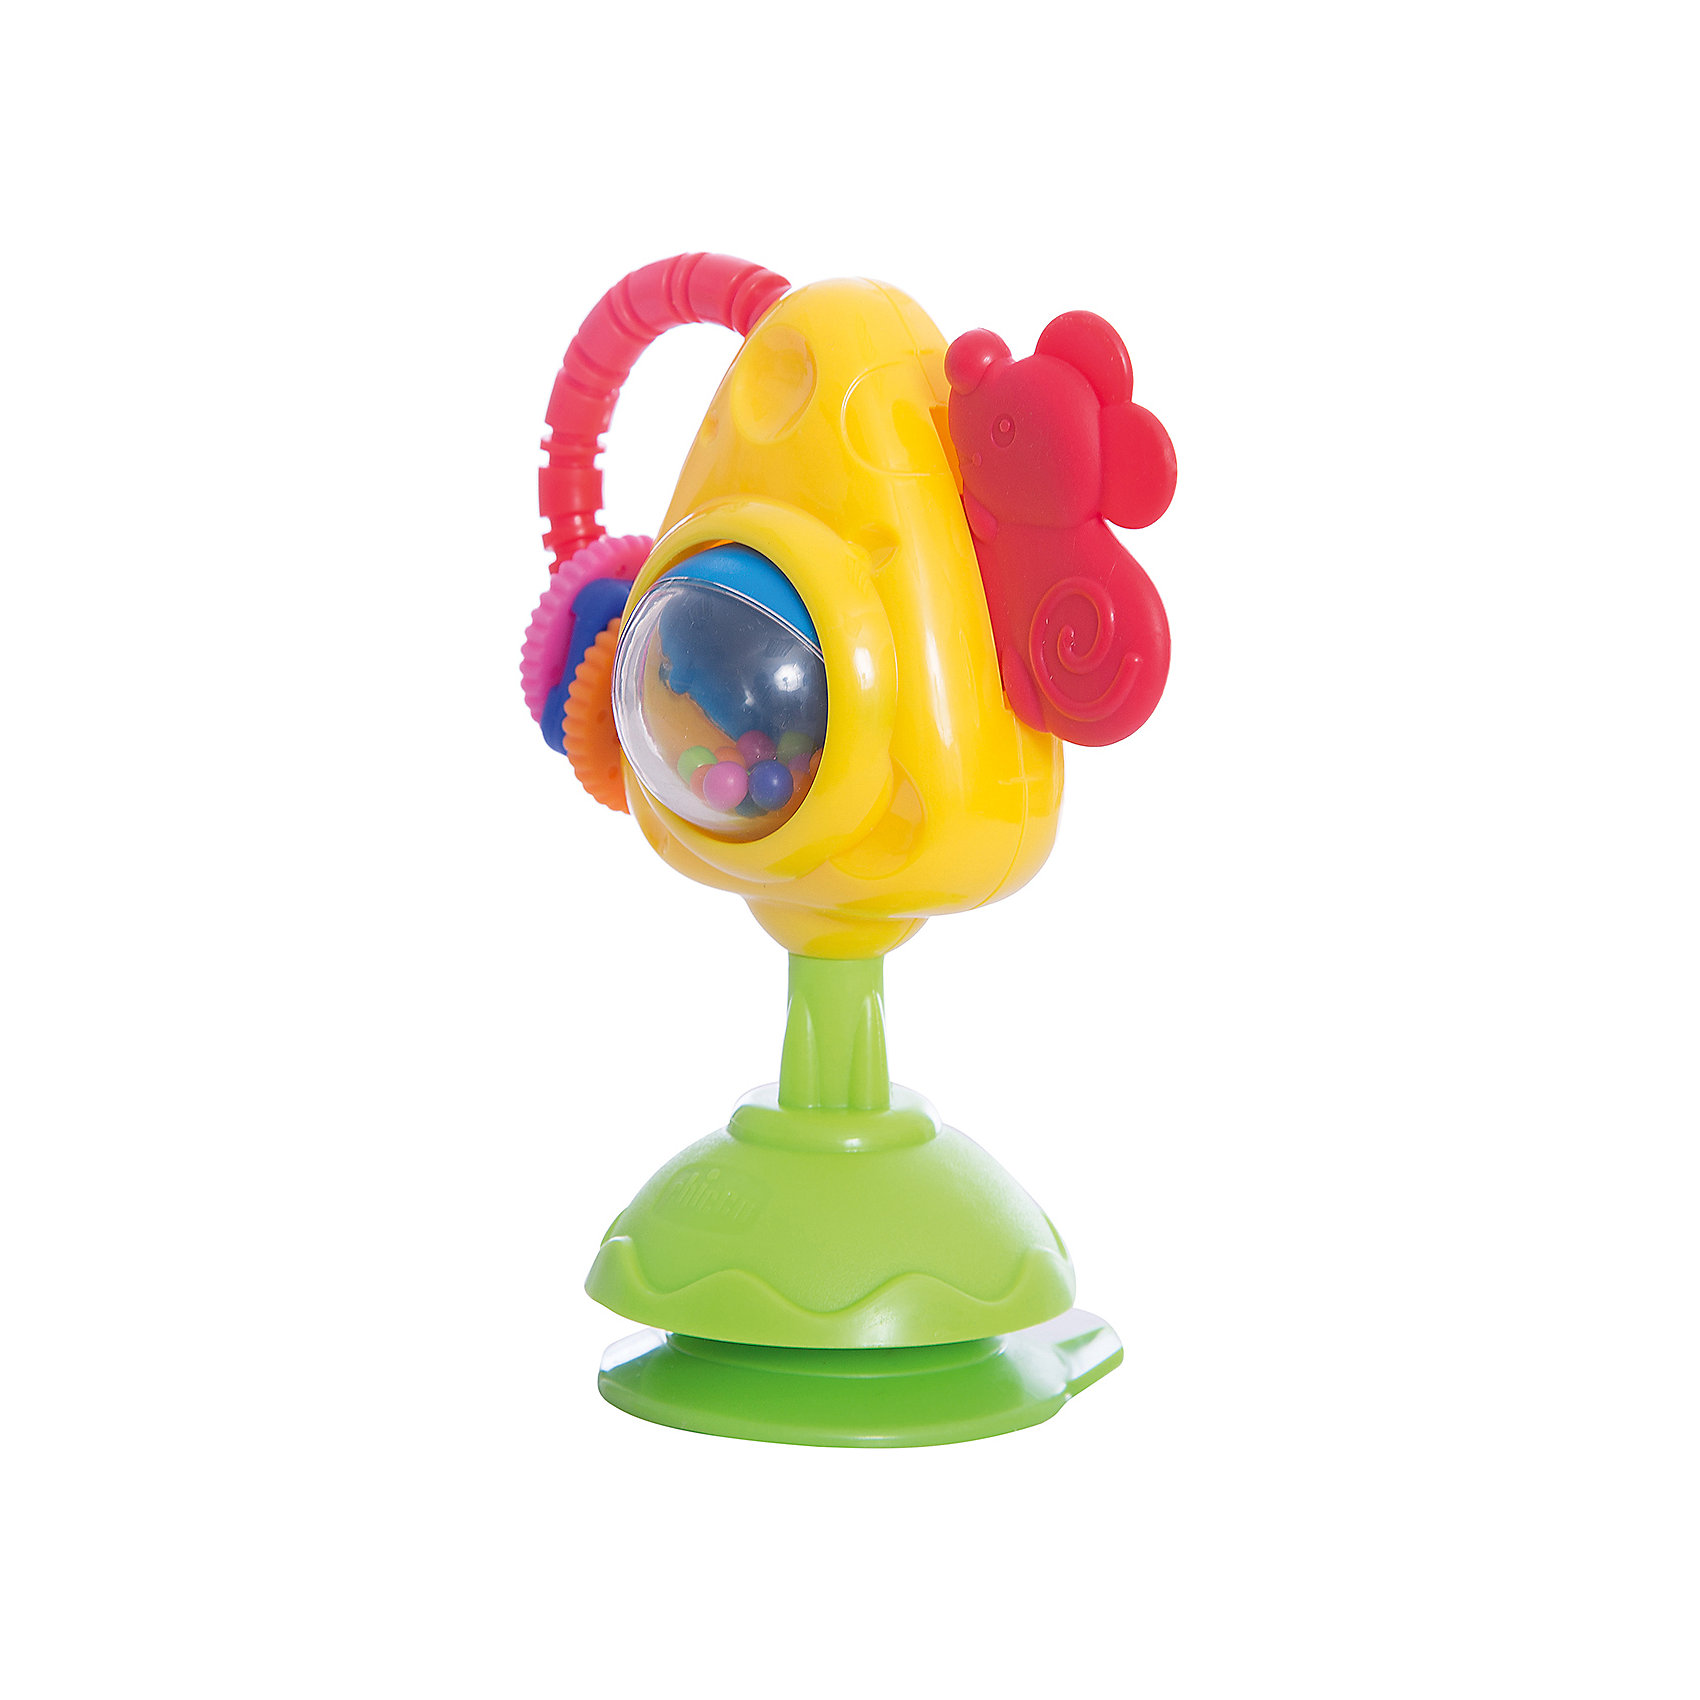 CHICCO Игрушка для стульчика Мышка с сыром и крекерами, Chicco игрушка музыкальная chicco утёнок 6995 3